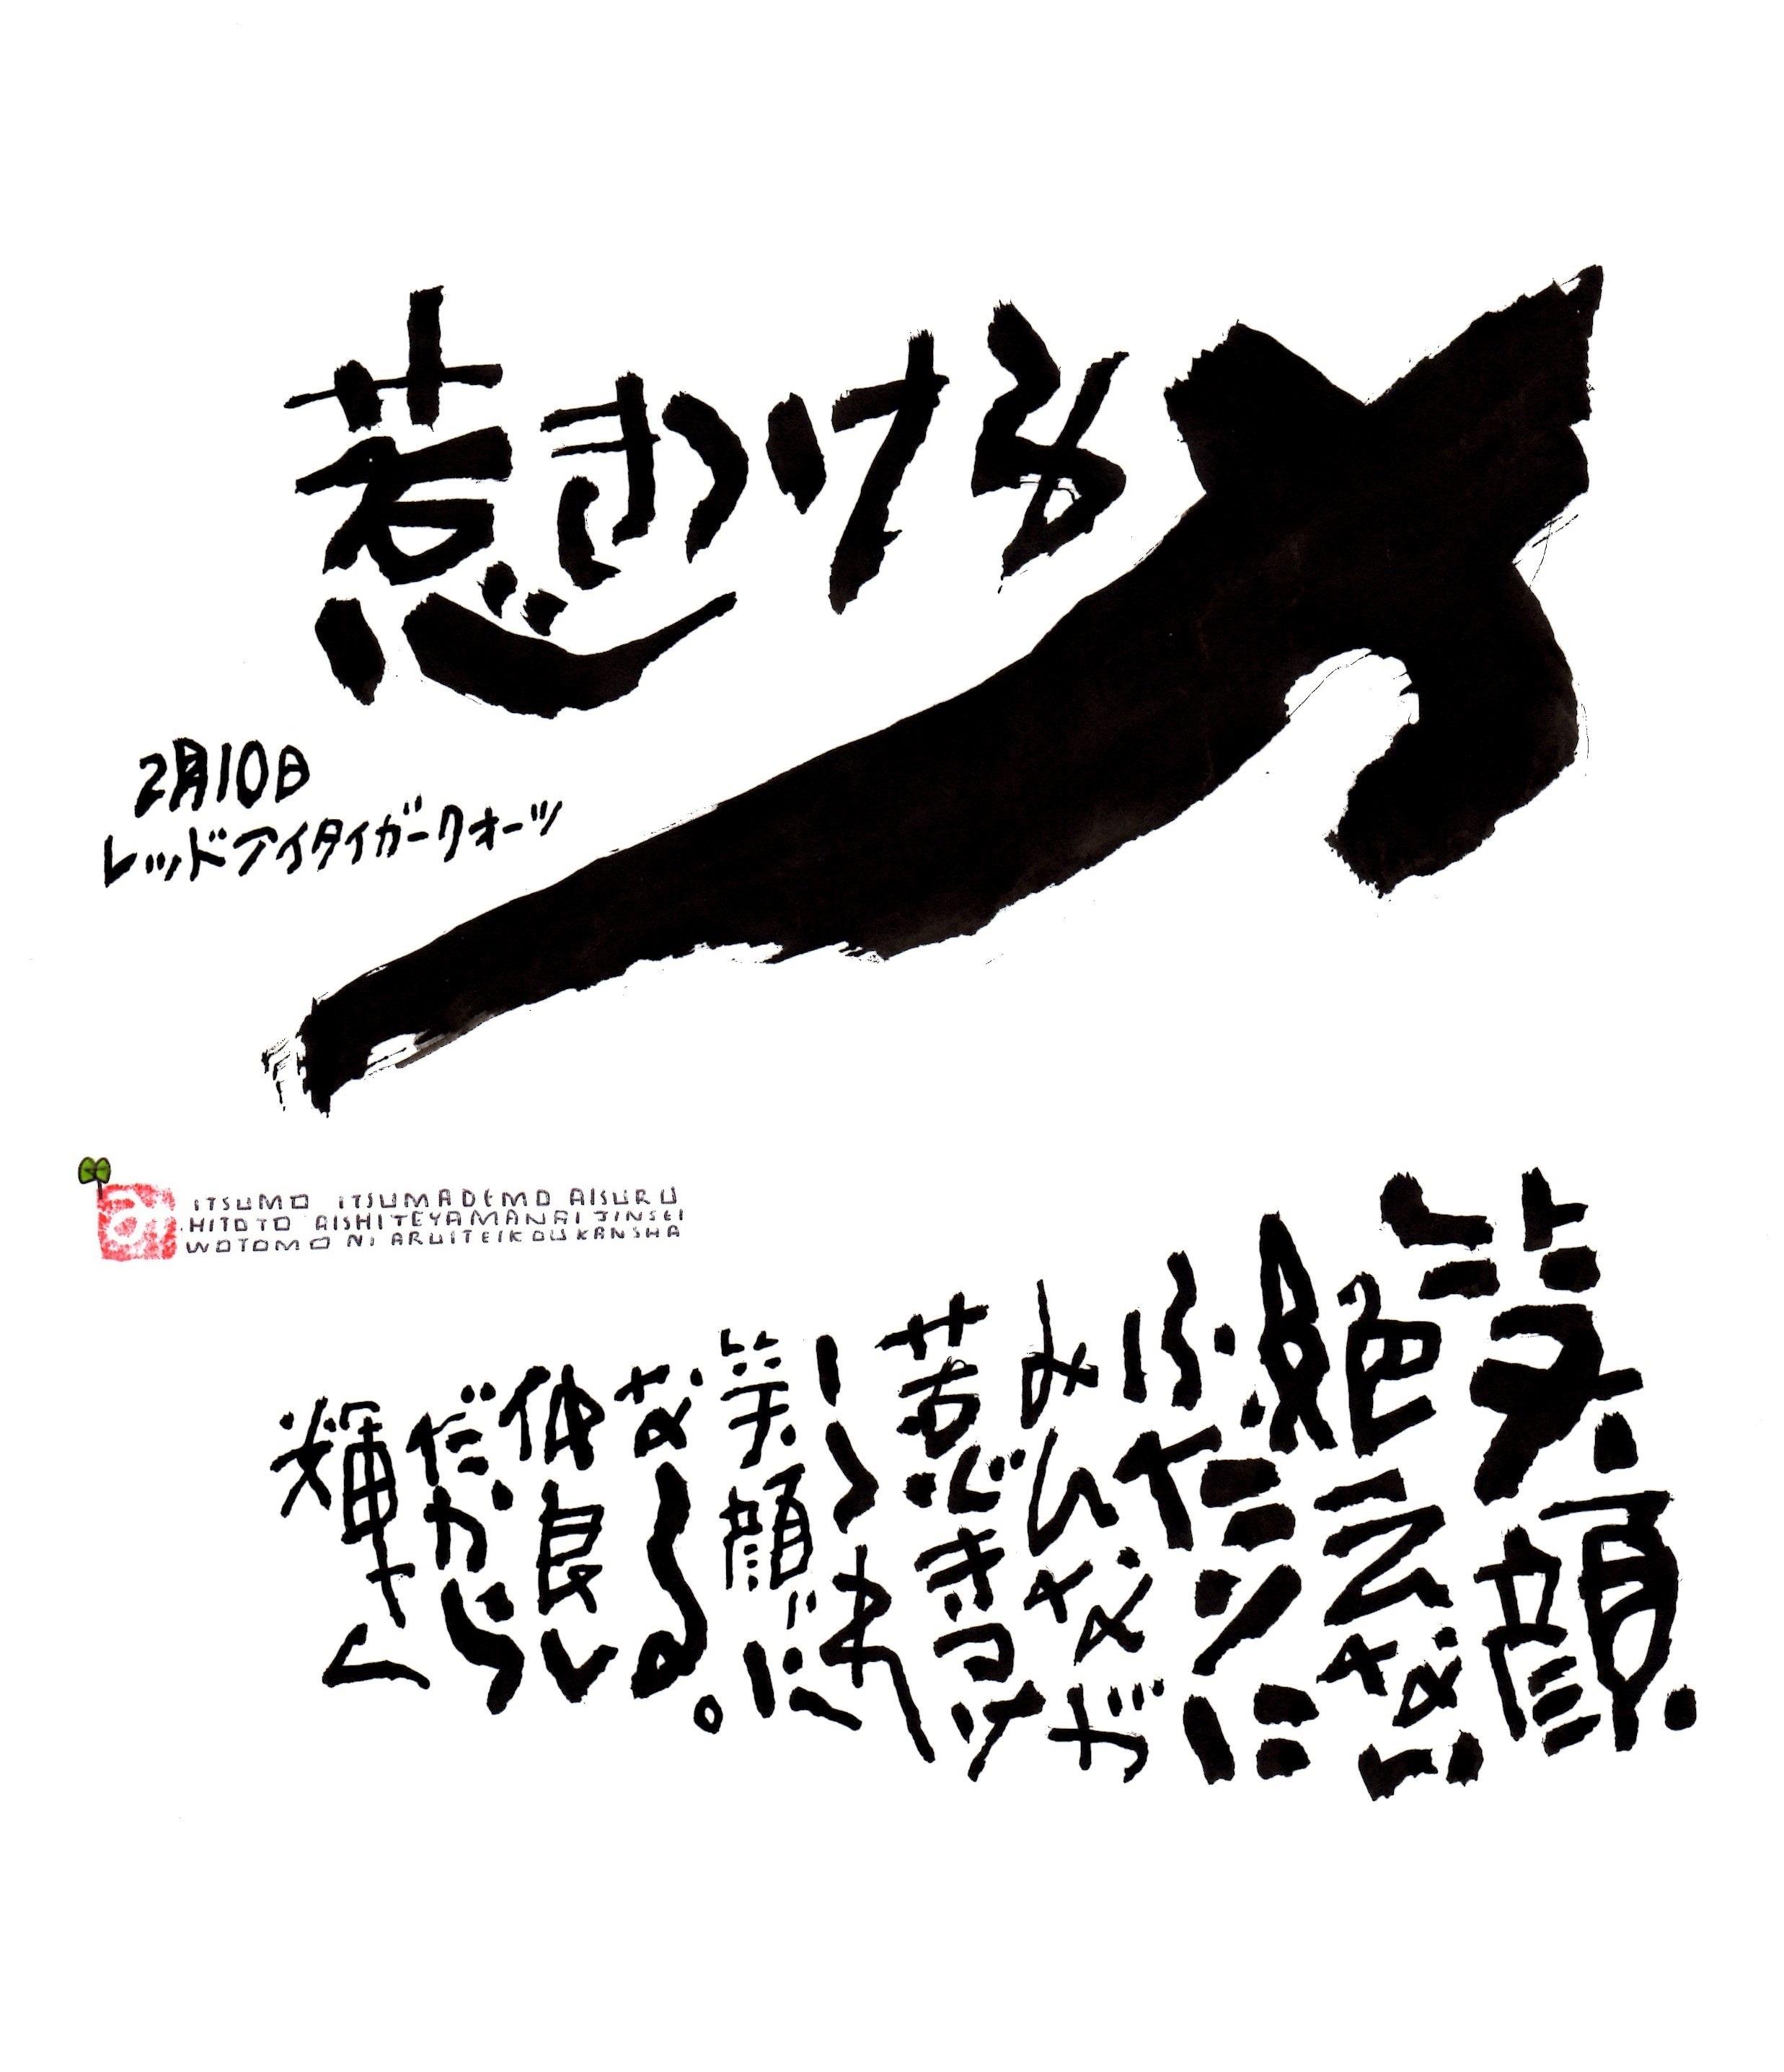 2月10日 結婚記念日ポストカード【惹きつける力】